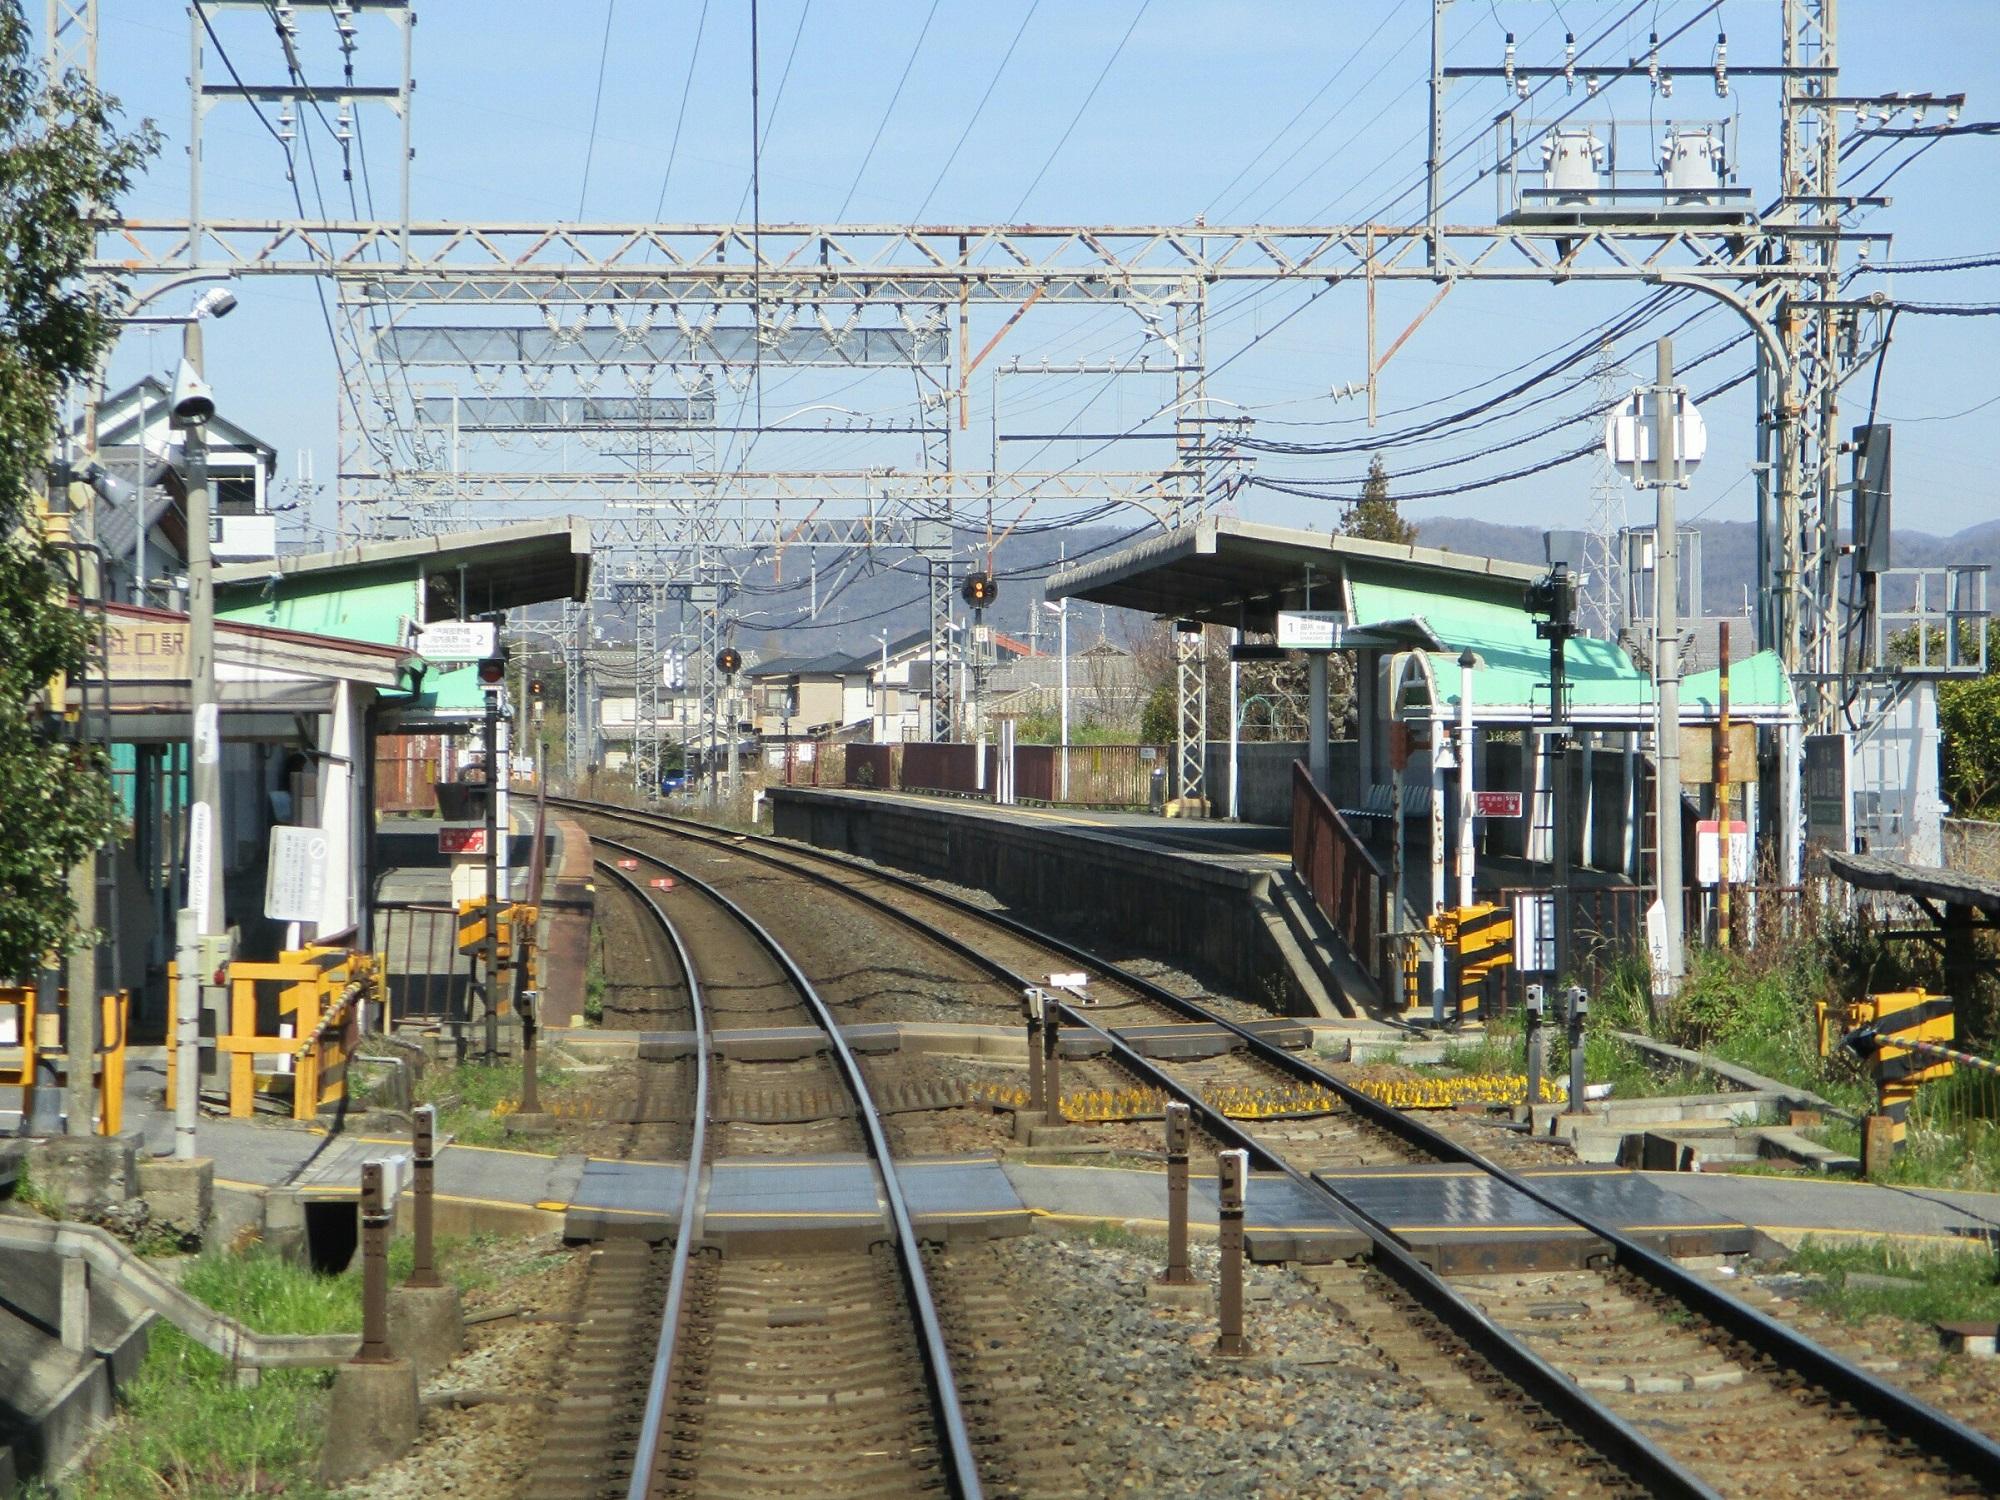 2019.3.18 (68) 大阪阿部野橋いき急行 - 二上神社口 2000-1500